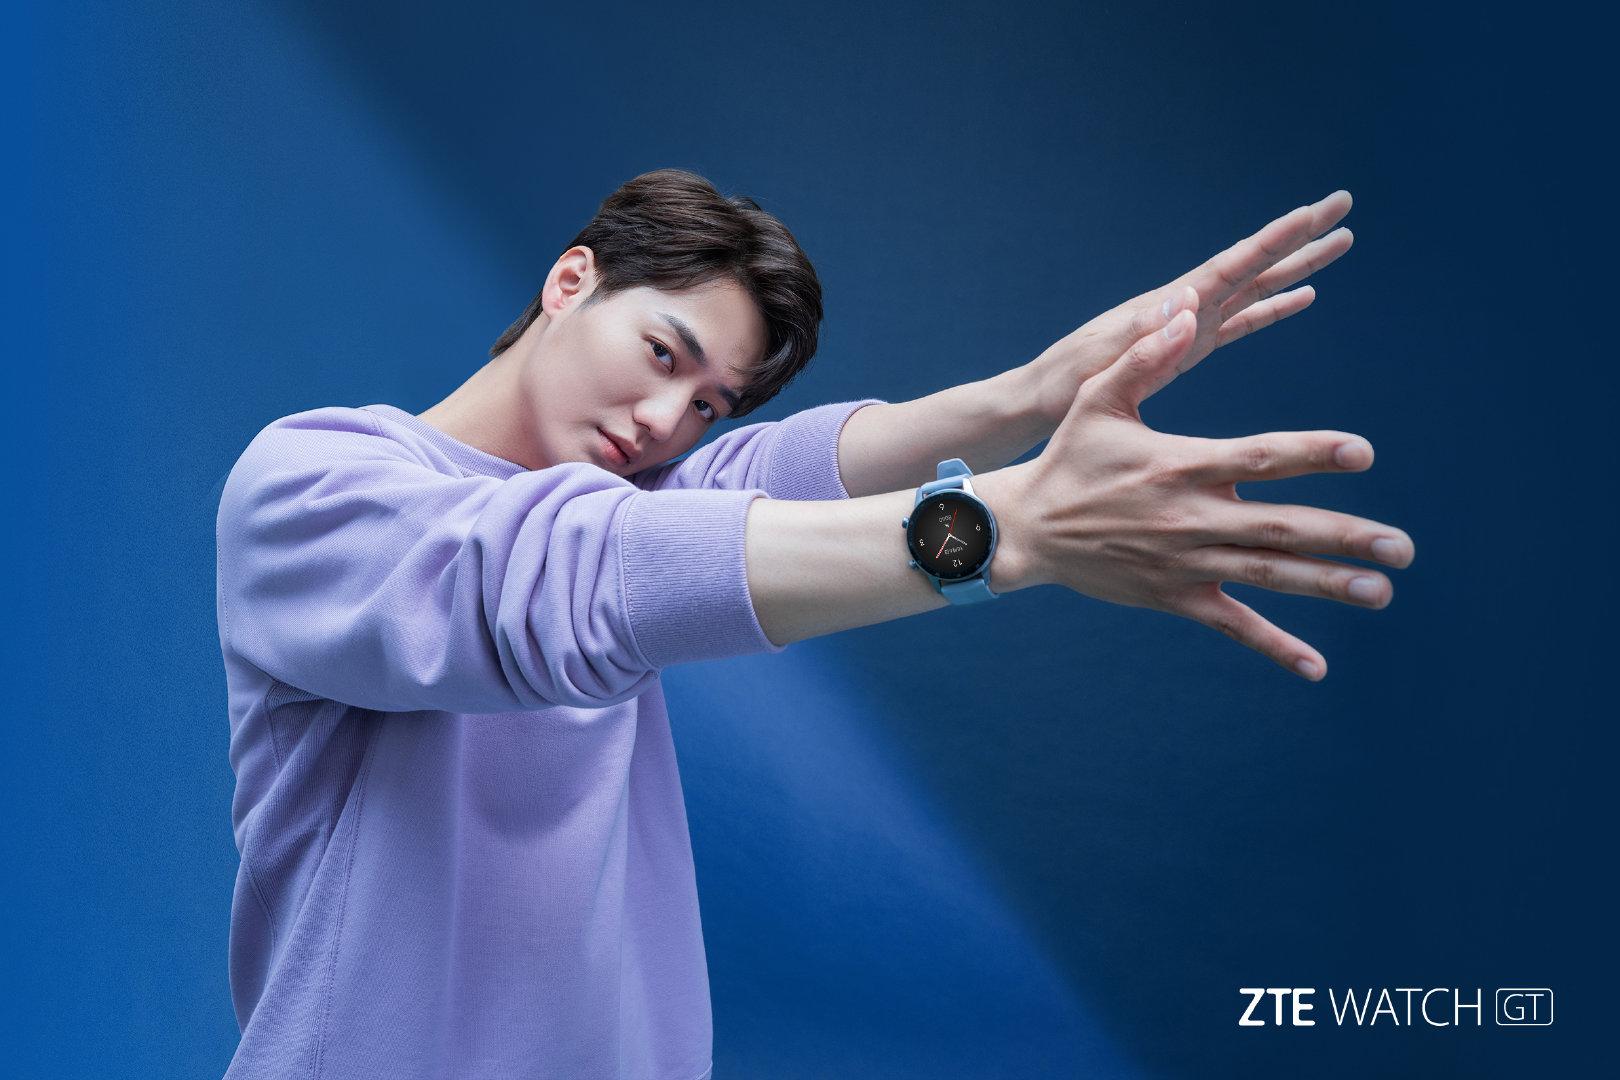 ZTE Watch GT 4 1620x1080x